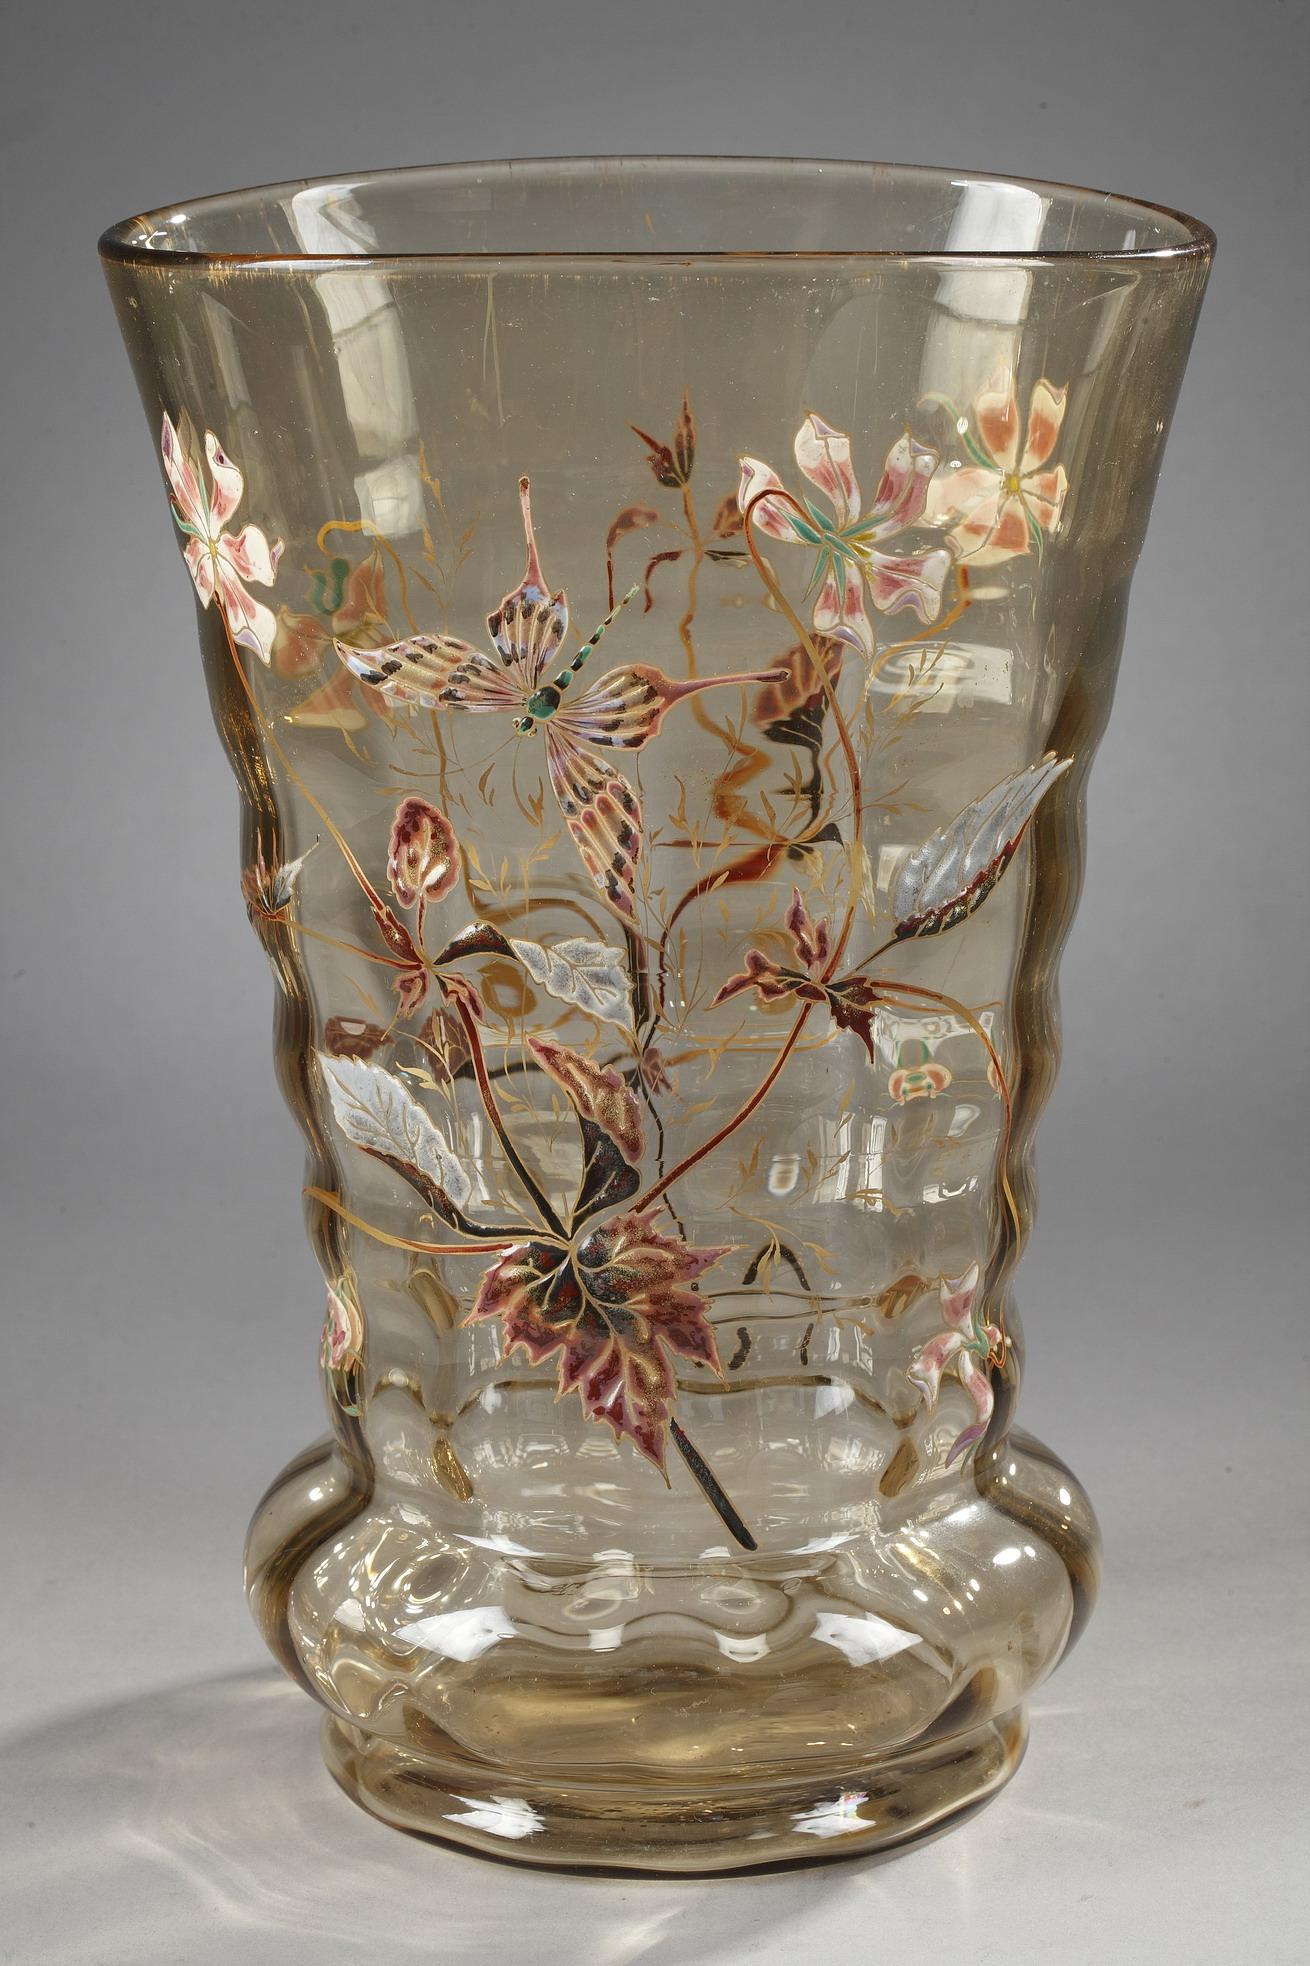 Emile Gallé (1846-1904), Cristallerie, Vase à décor de Plantes et de Papillon, haut. 30 cm. sculptures, verreries - galerie Tourbillon, Paris